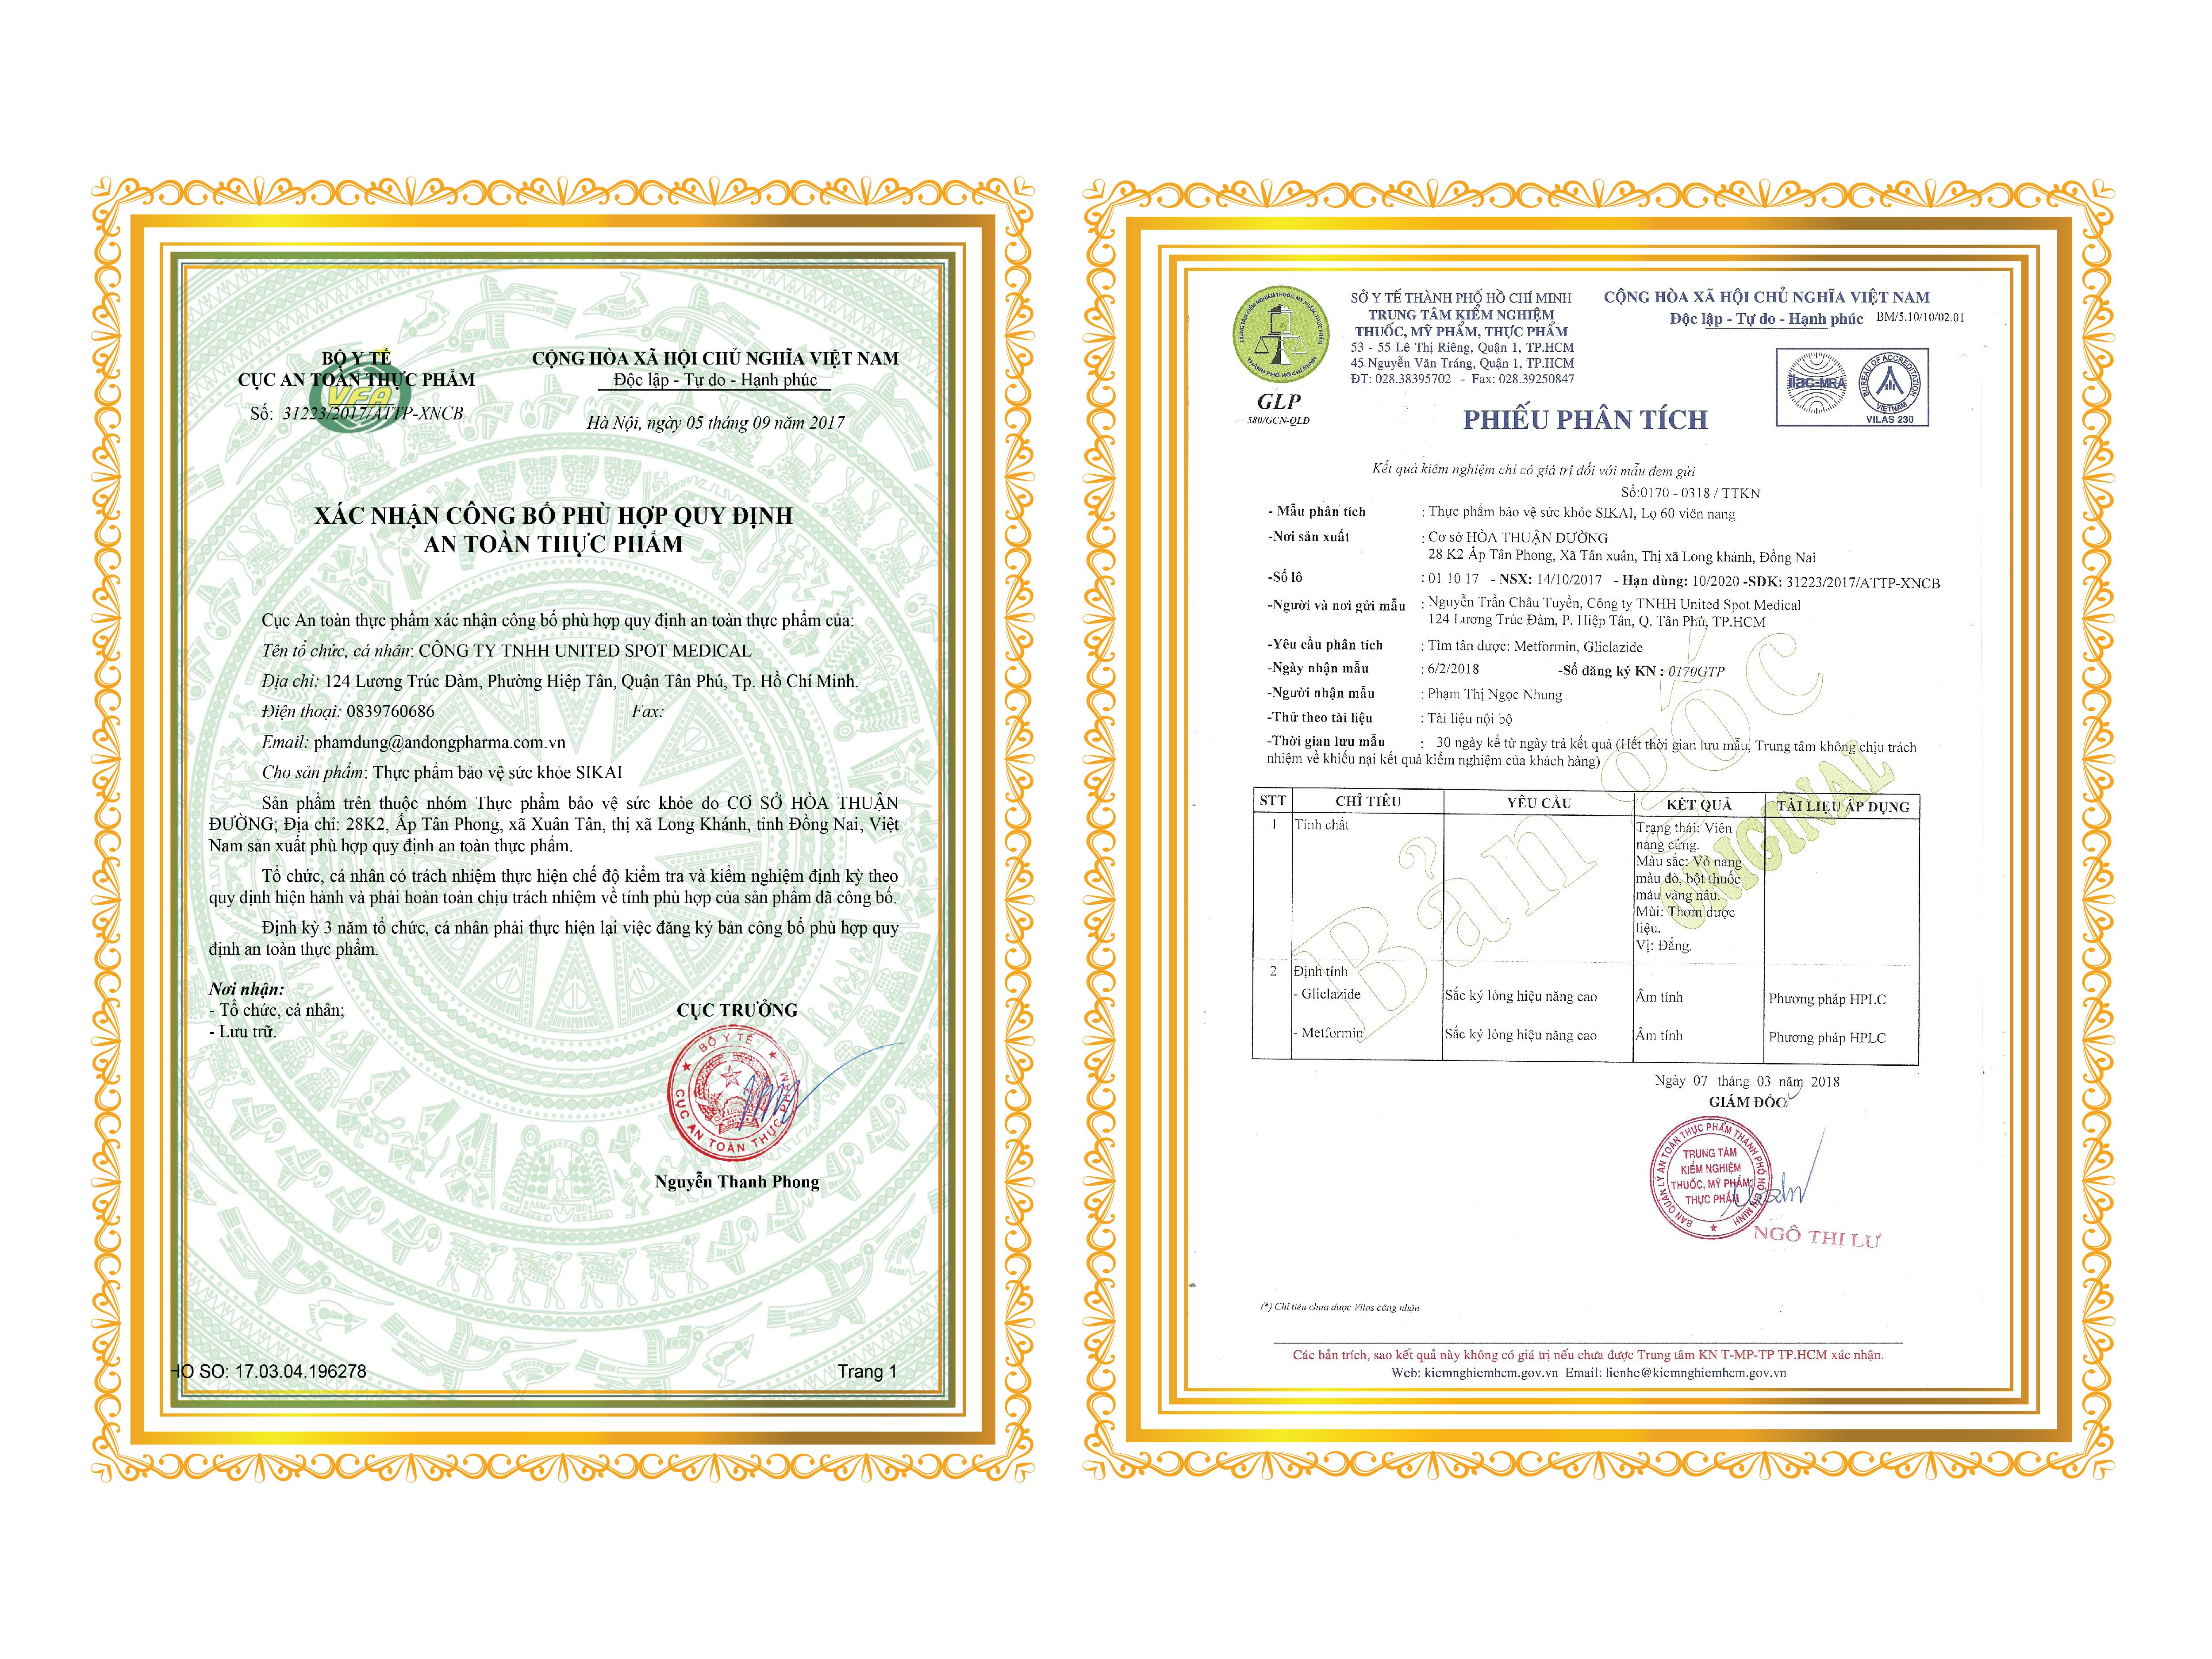 giấy chứng nhận hạ đường sikai